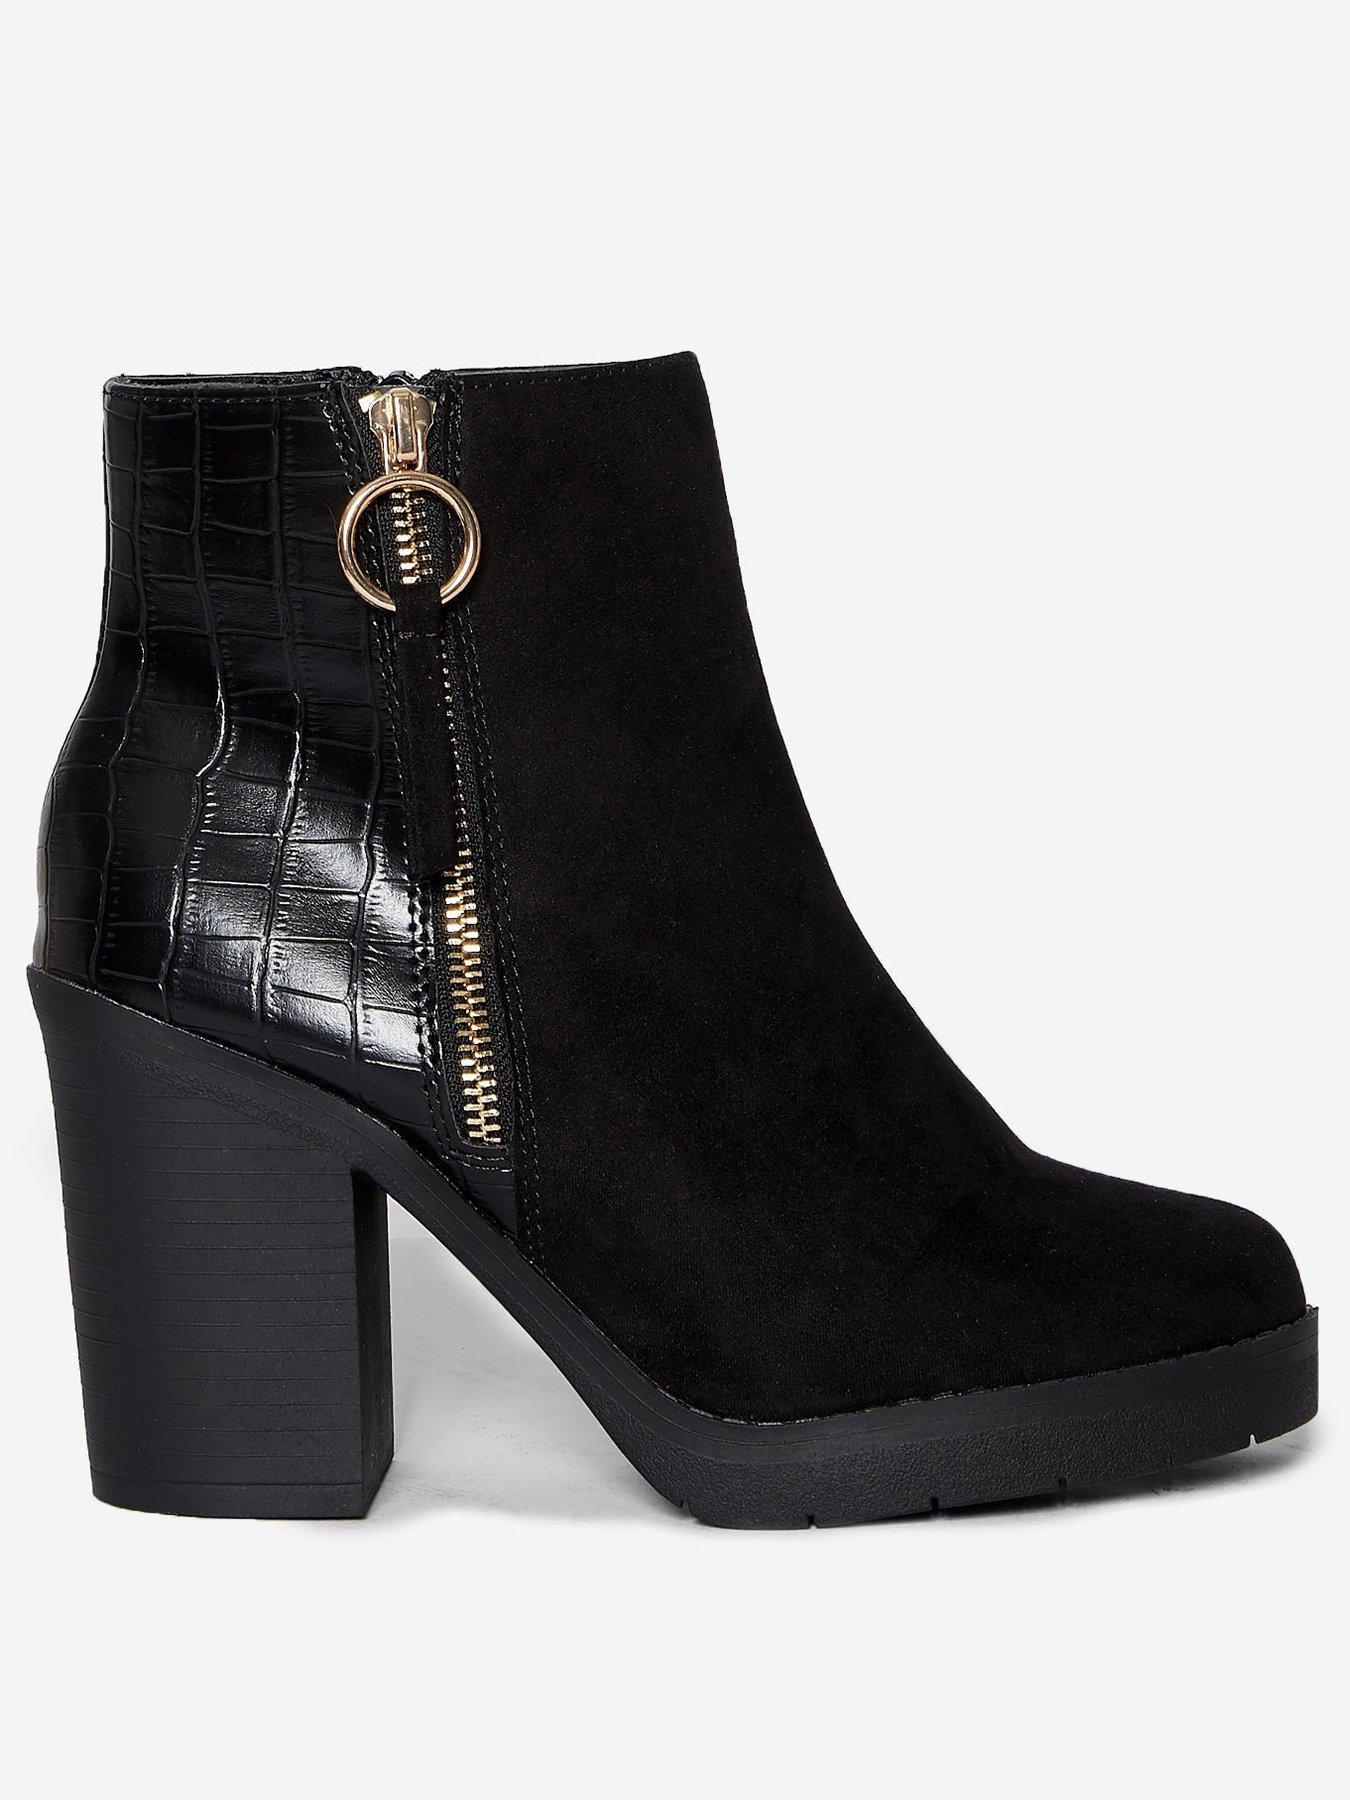 Dorothy perkins | Boots | Shoes \u0026 boots